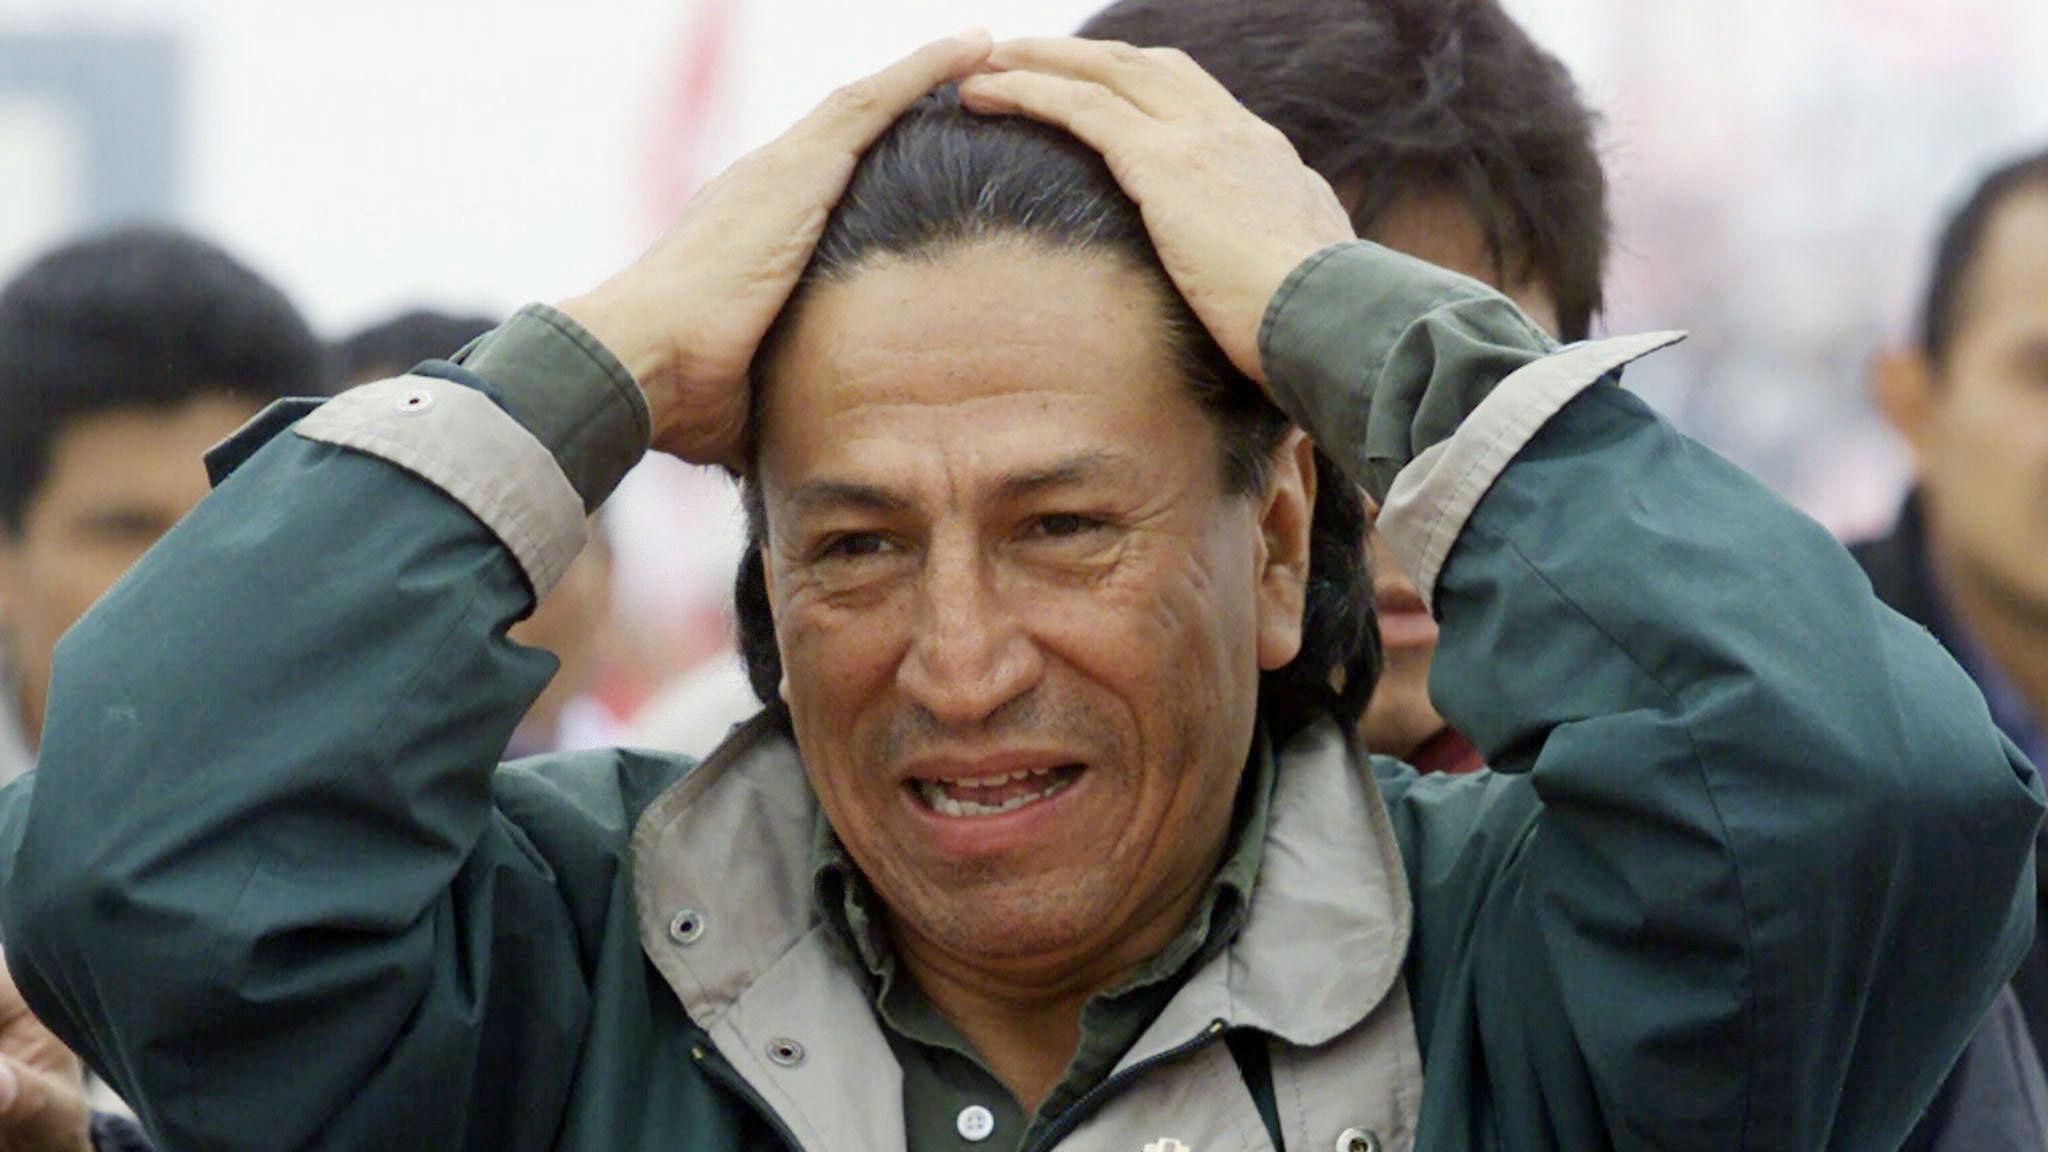 美法官驳回其保释申请 秘鲁前总统托莱多将被引渡回国